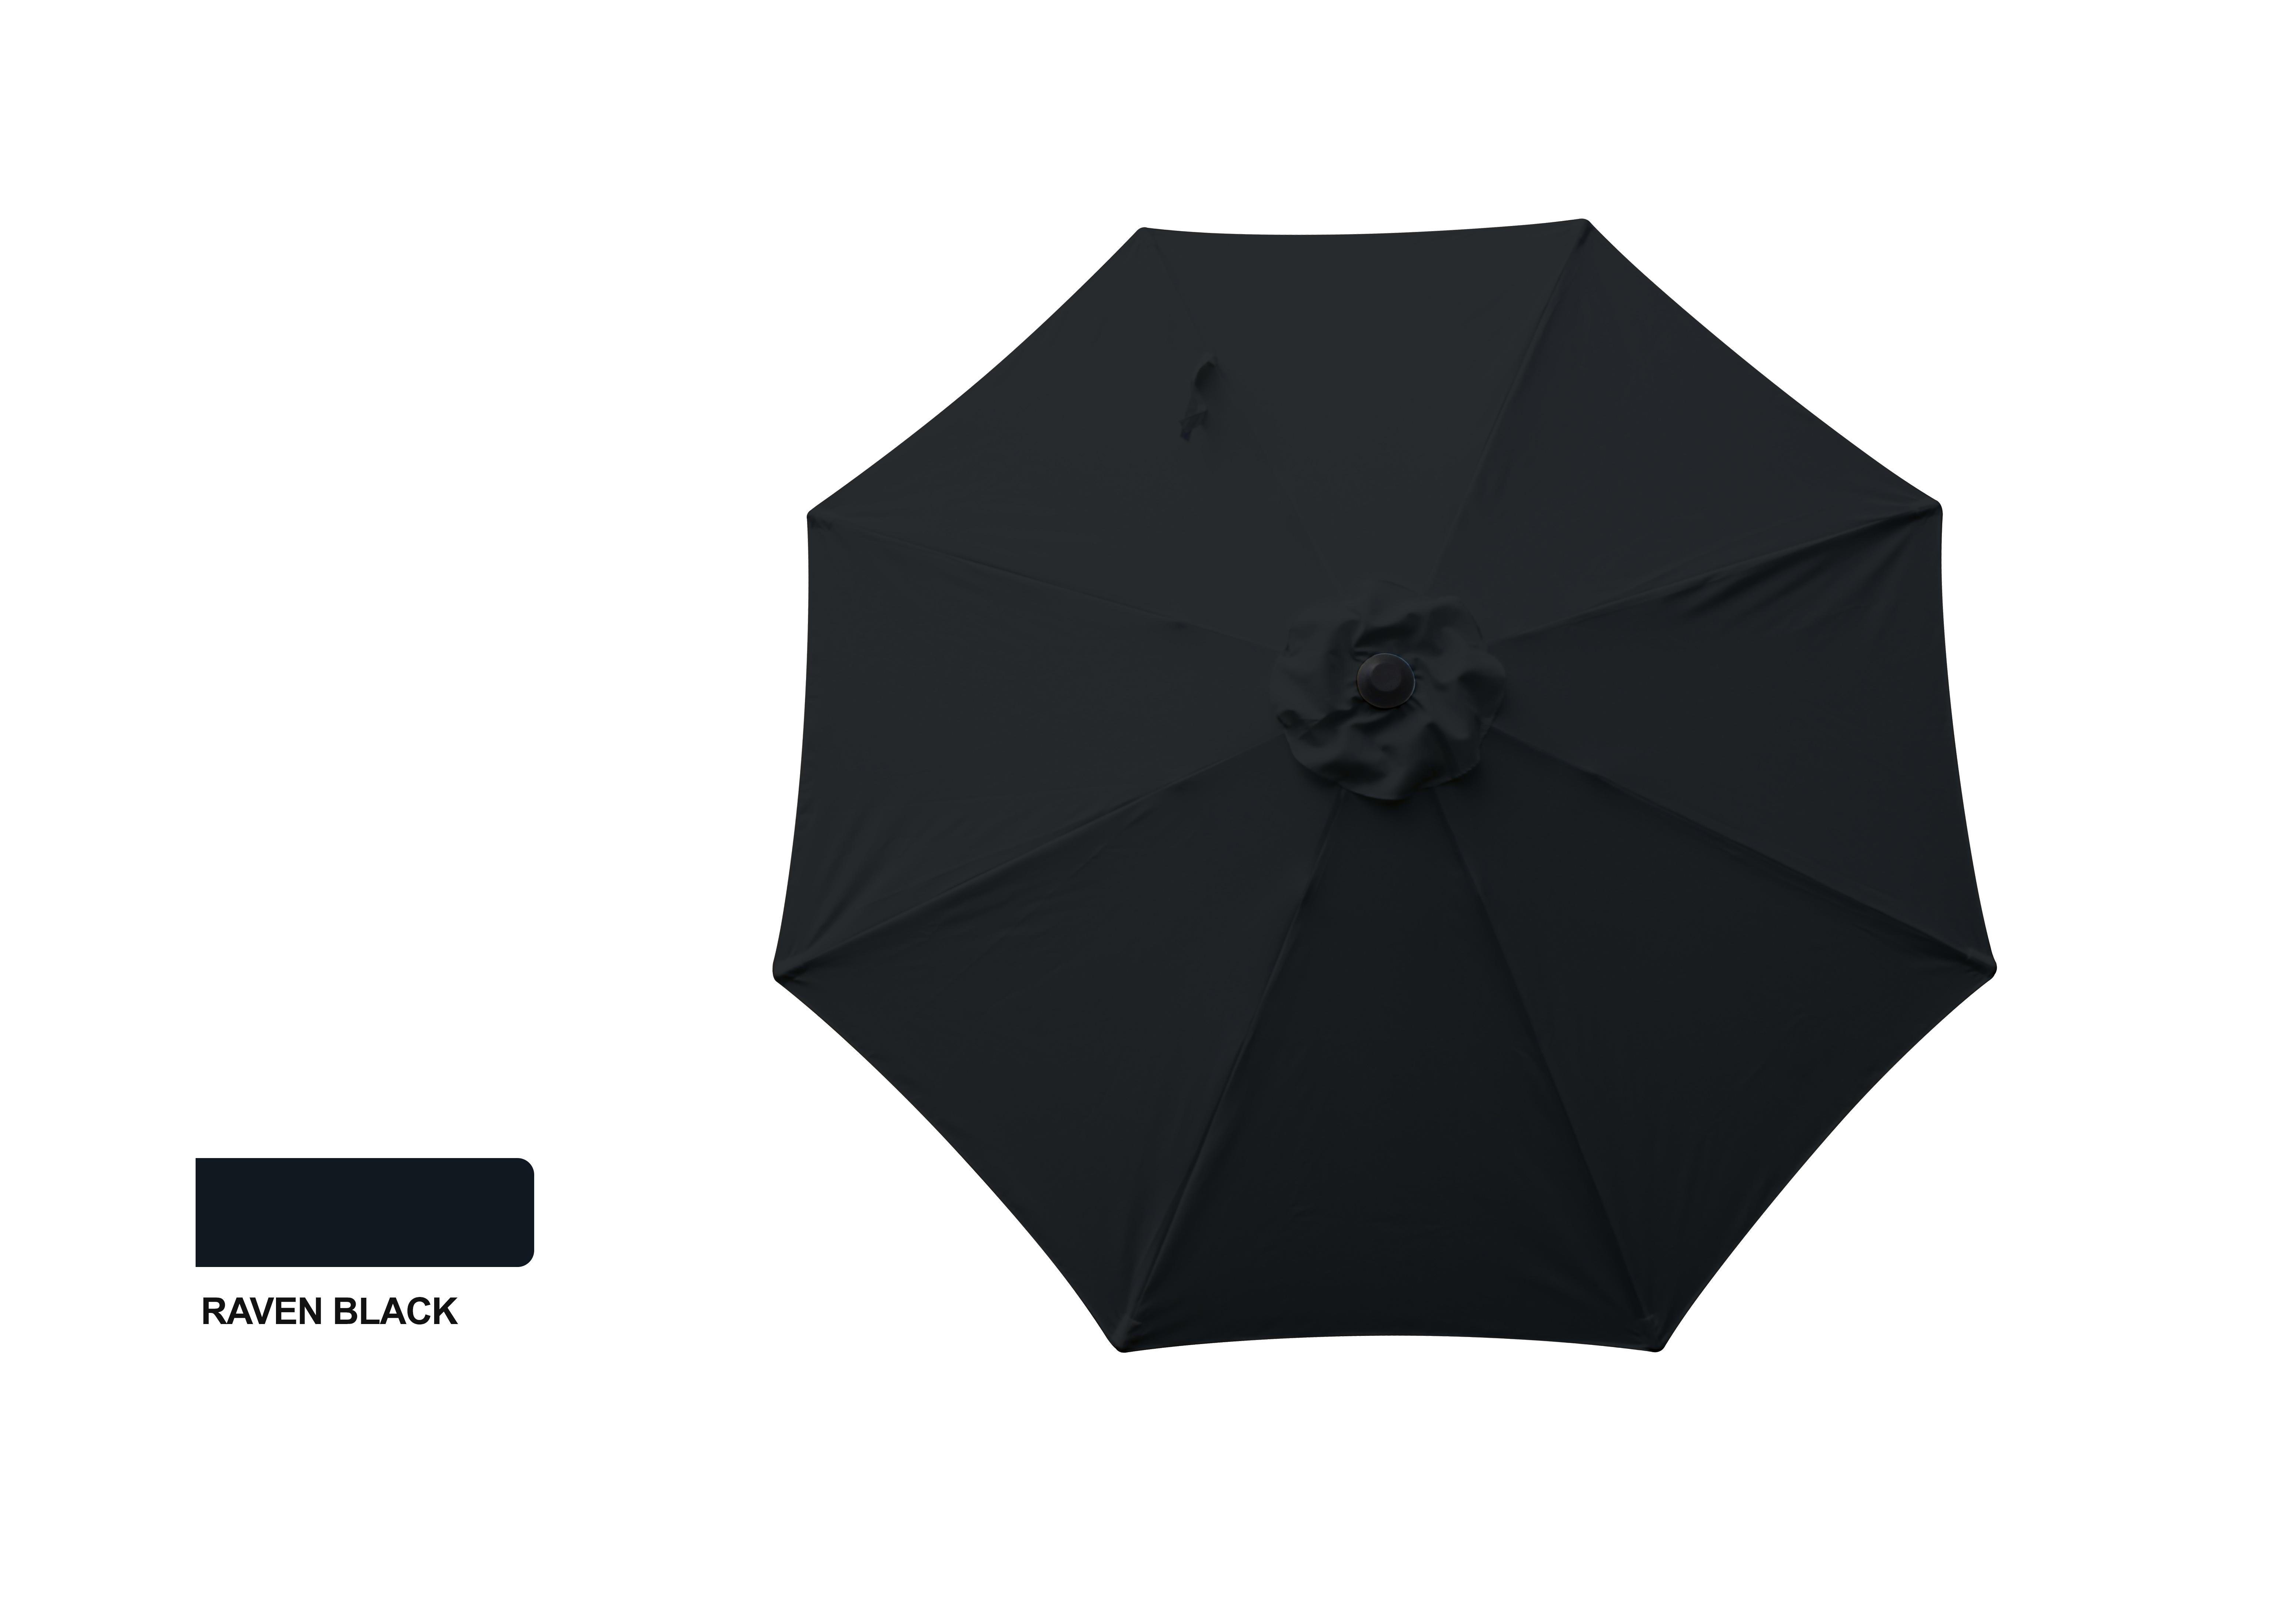 9' Aluminum Market Umbrella - Raven Black